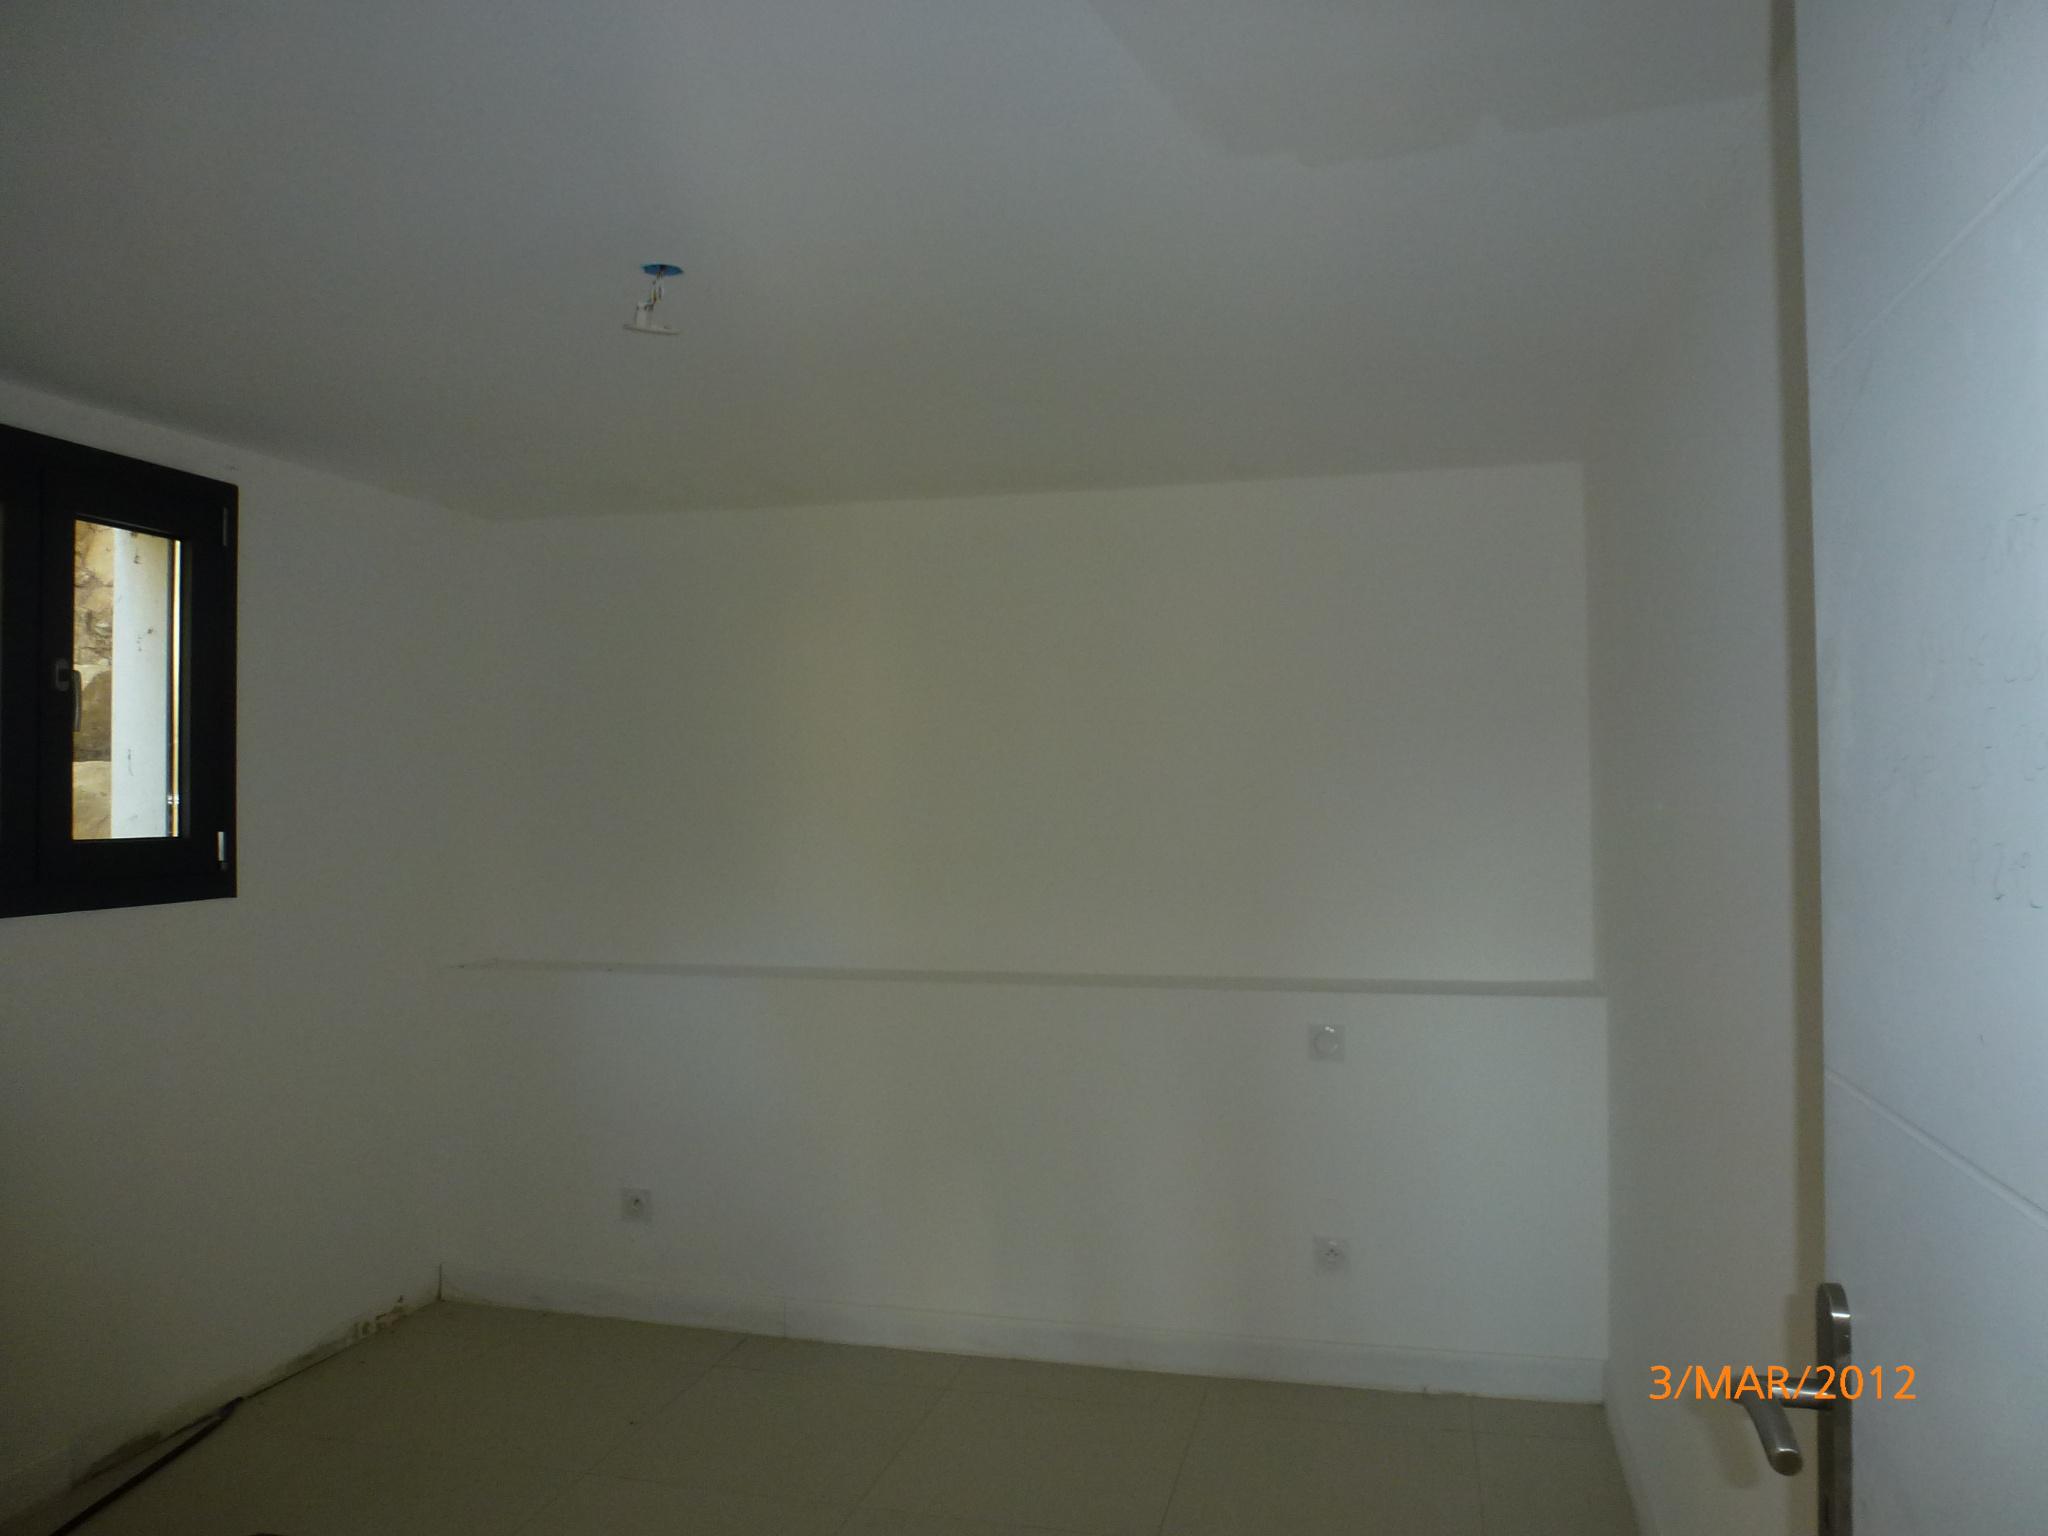 Chambre 2 sous sol 10,70 M2